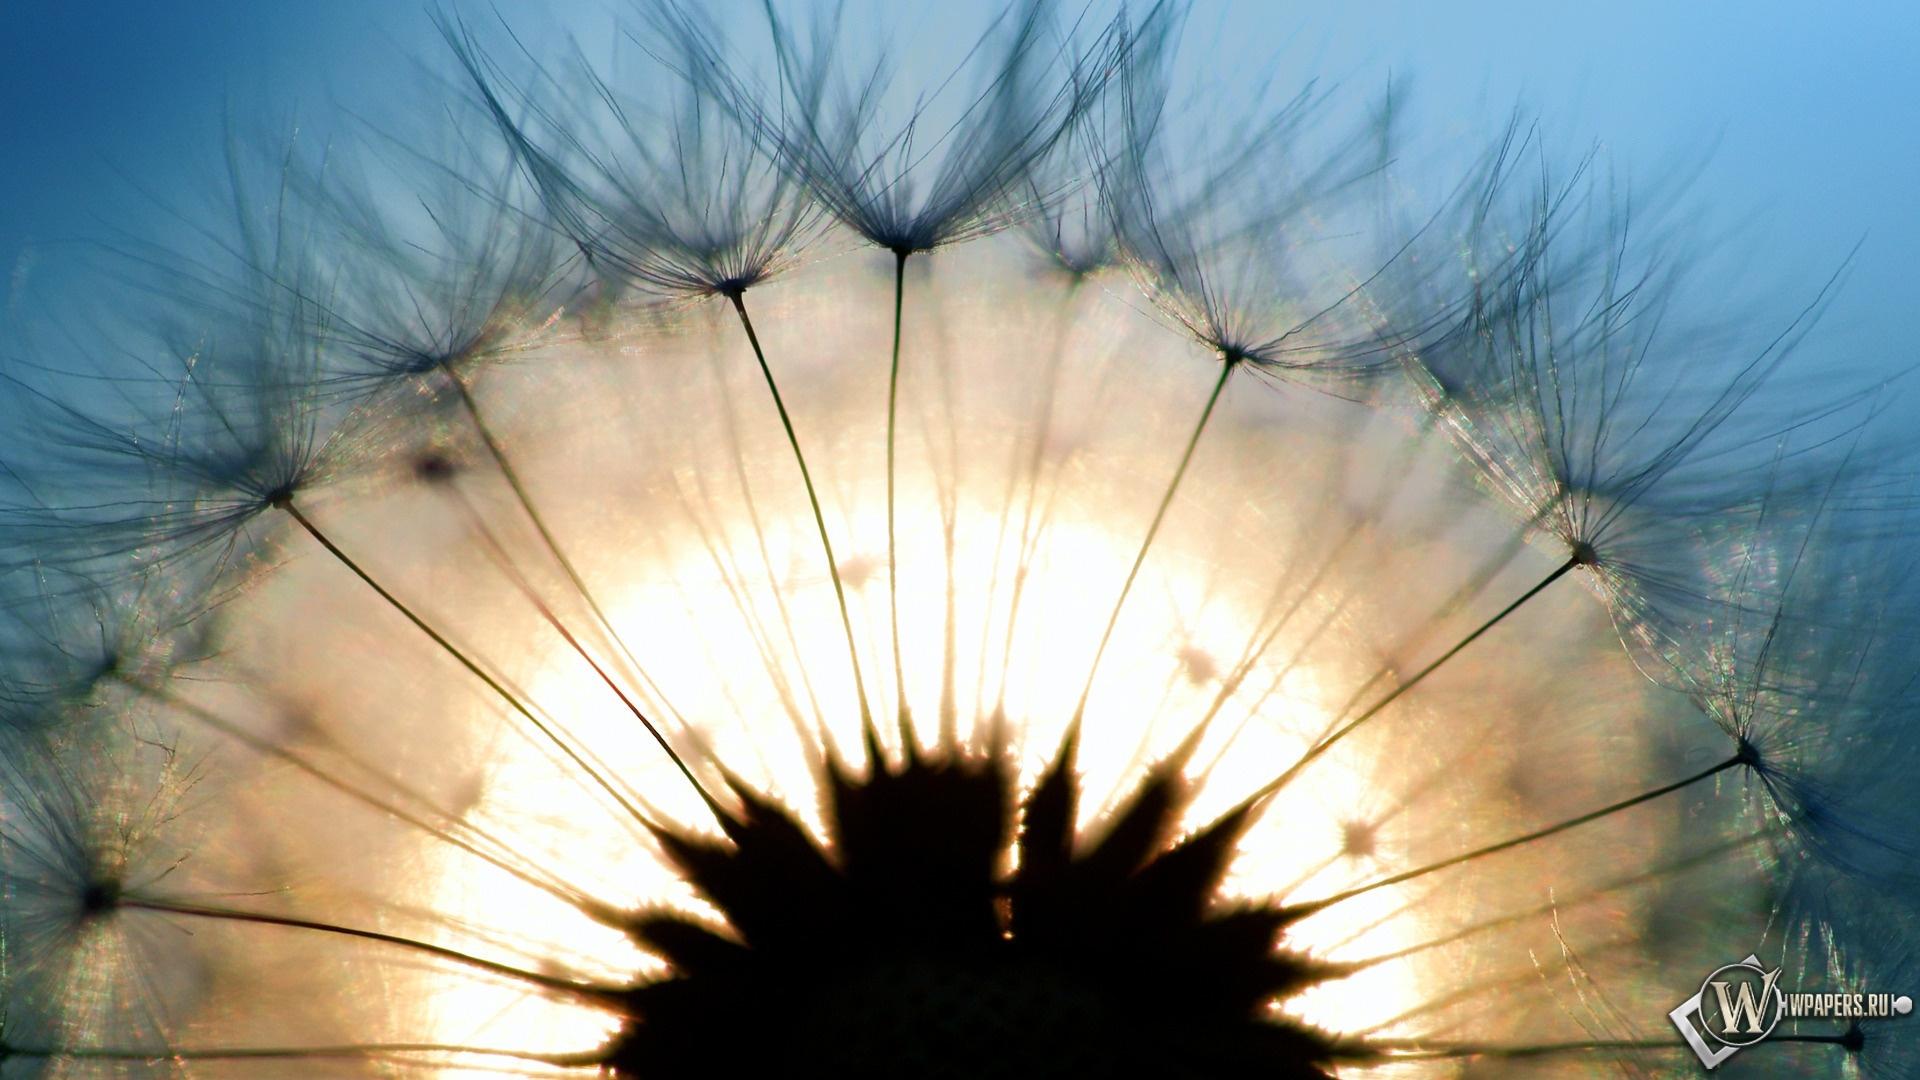 Солнечный одуванчик 1920x1080